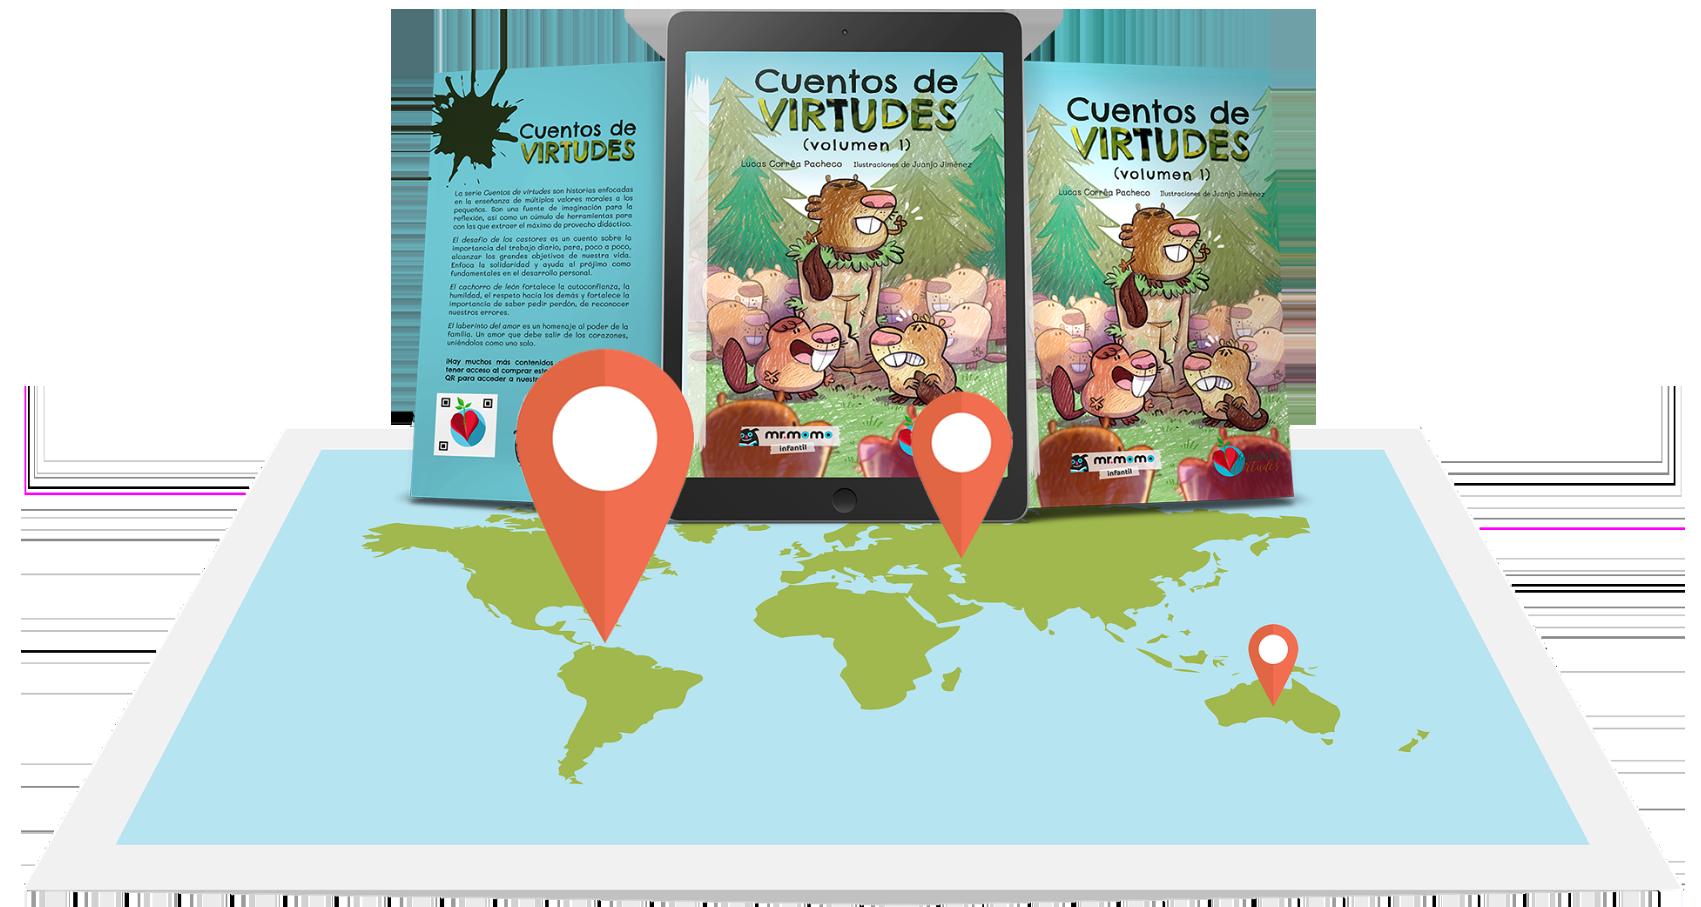 ¡Los Cuentos de Virtudes están en muchos países!